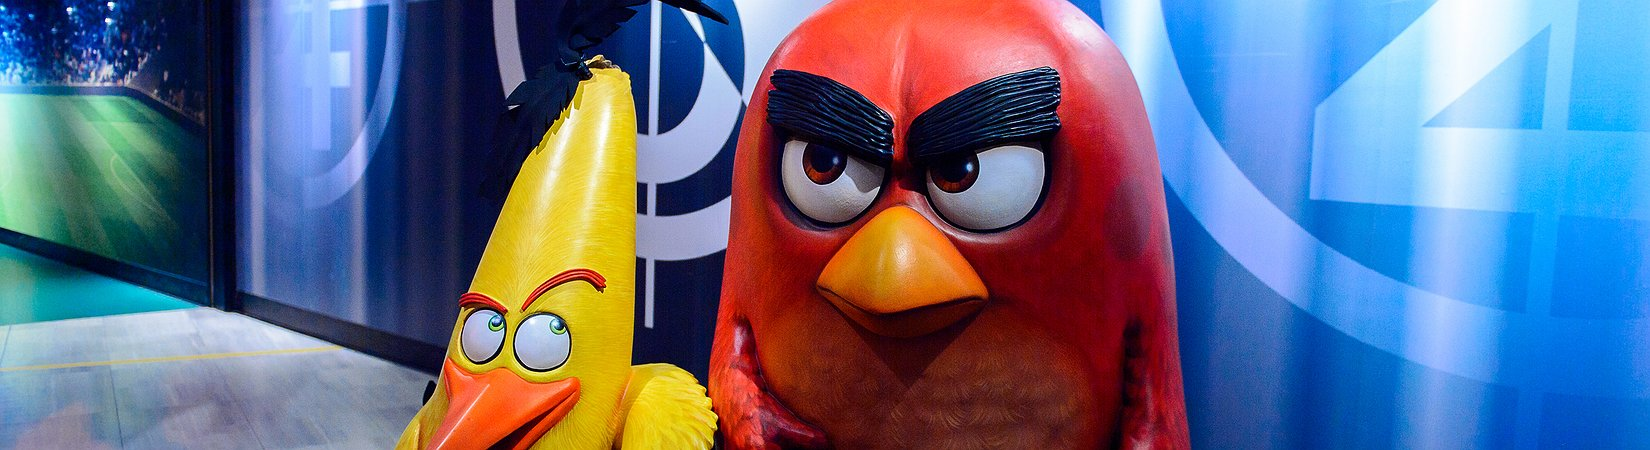 El creador de Angry Birds está planeando llevar a cabo una OPV de 2.000 millones $